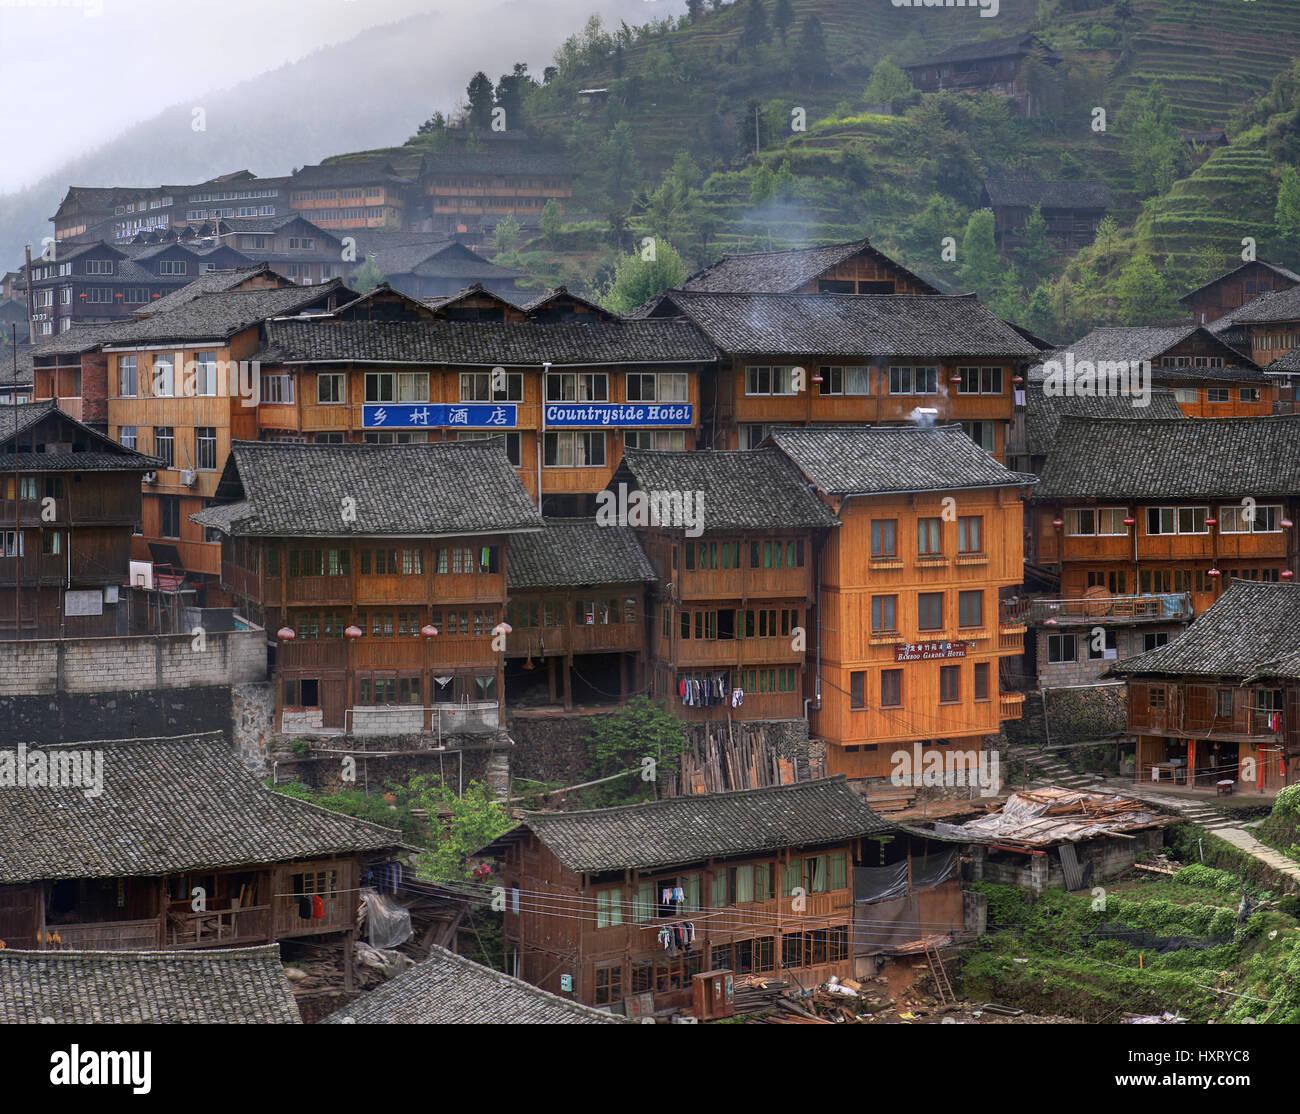 Village Pingan, Province du Guangxi, Chine - 5 Avril 2010: hôtel rustique en bois sur une colline dans Photo Stock